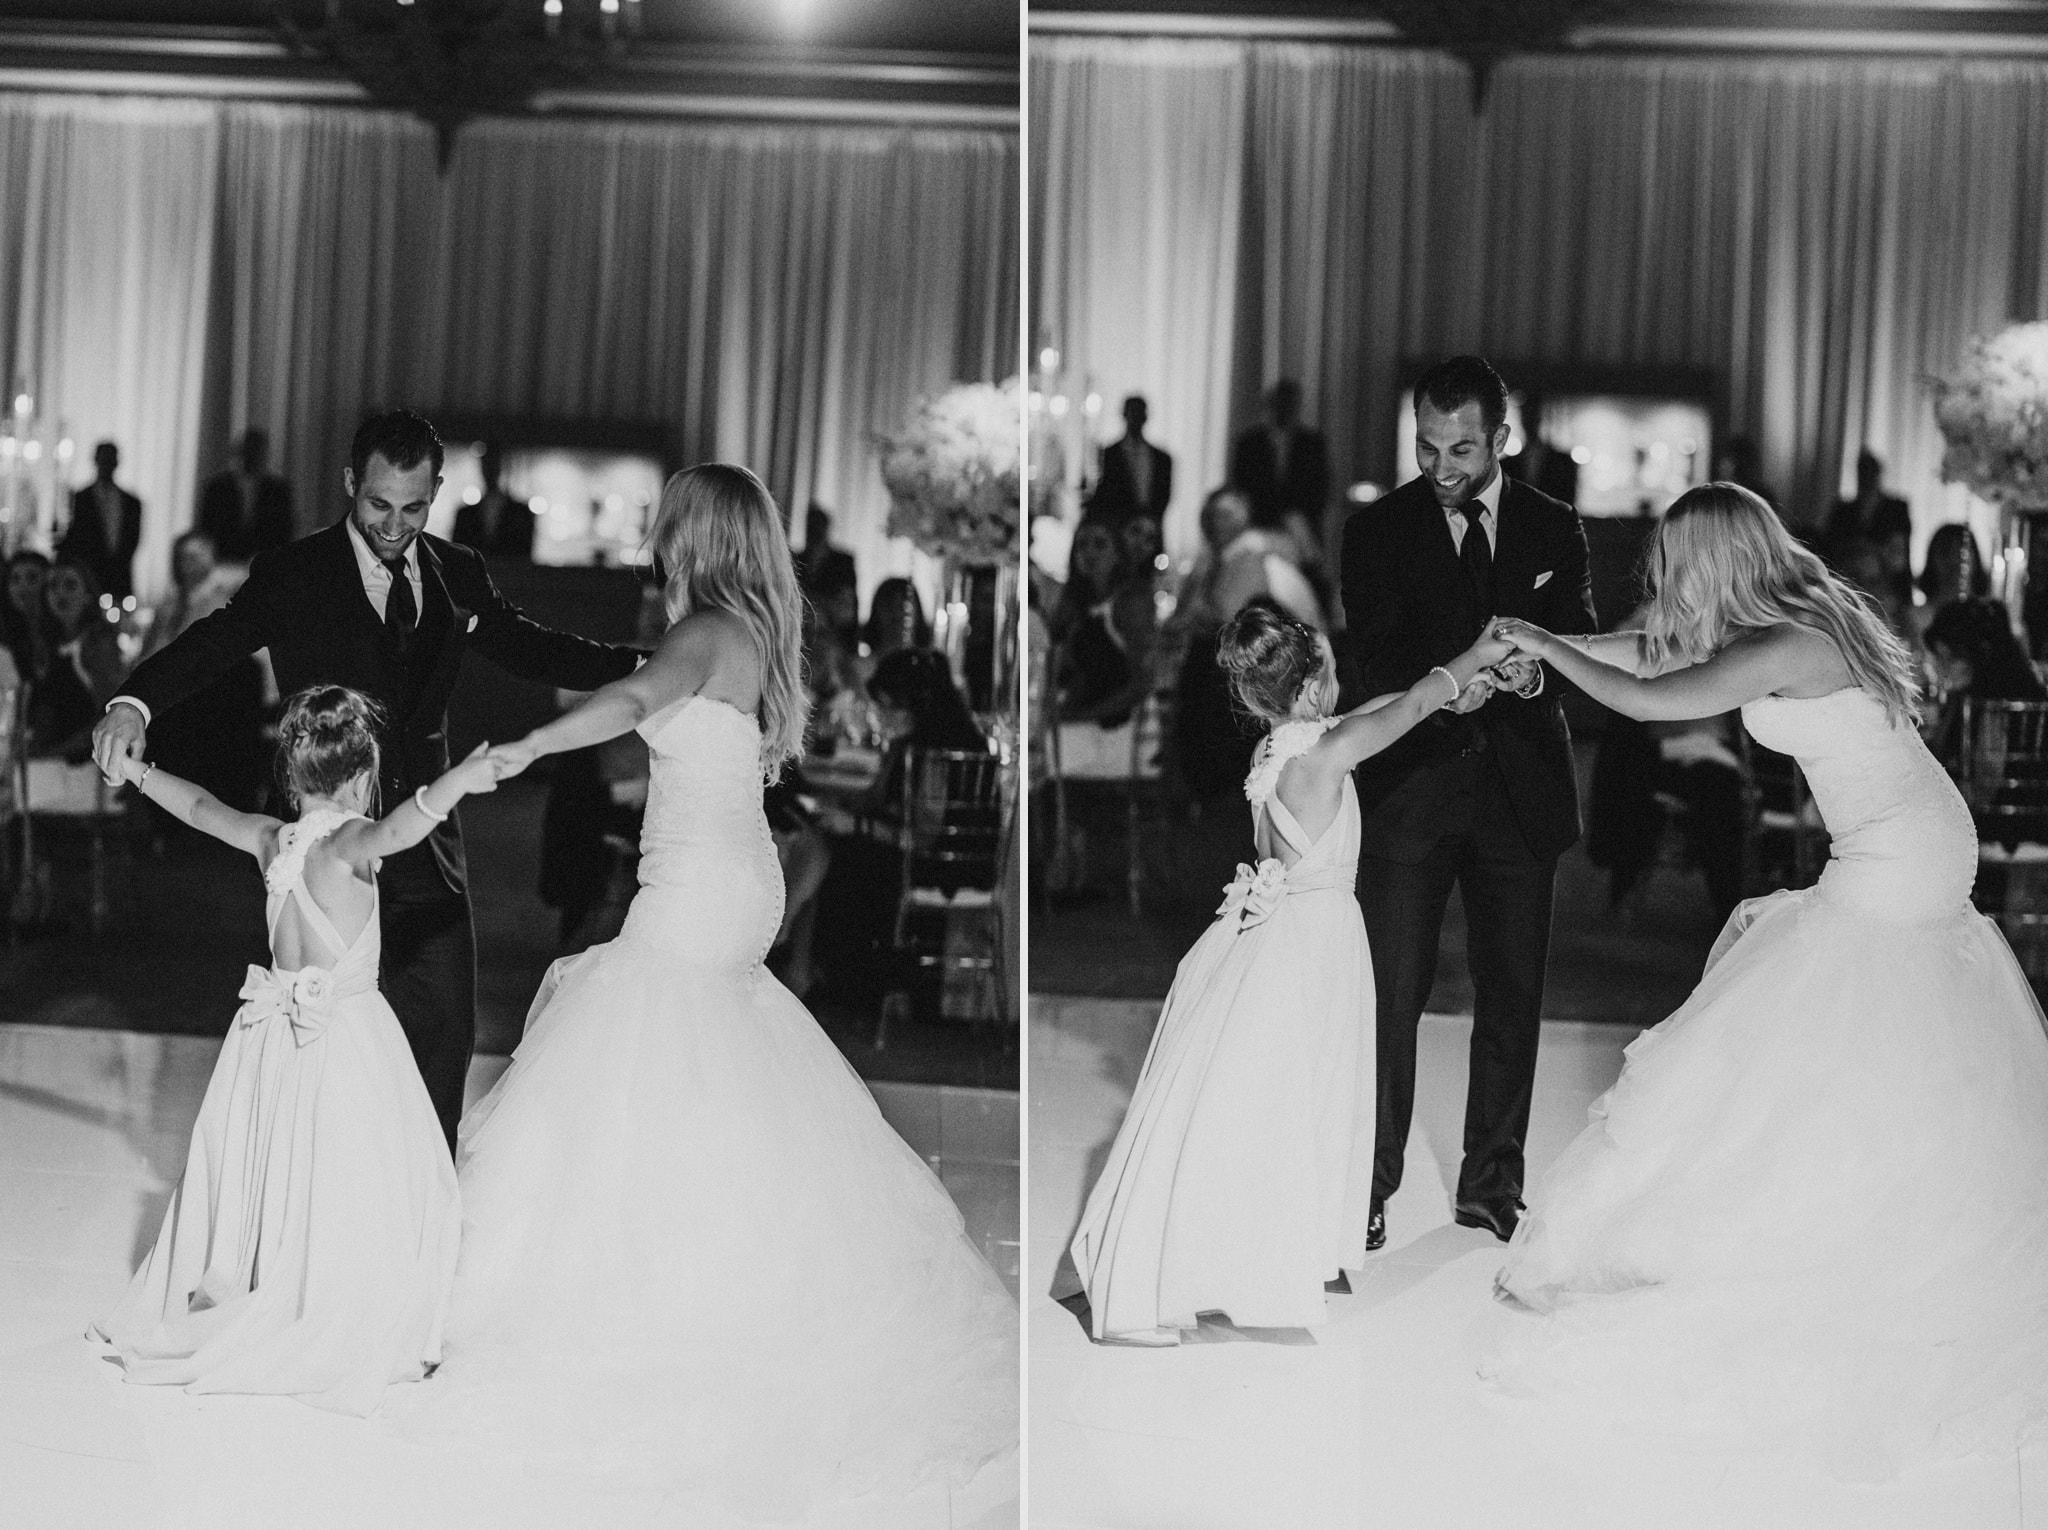 073-wedding-first-dance-daughter.jpg